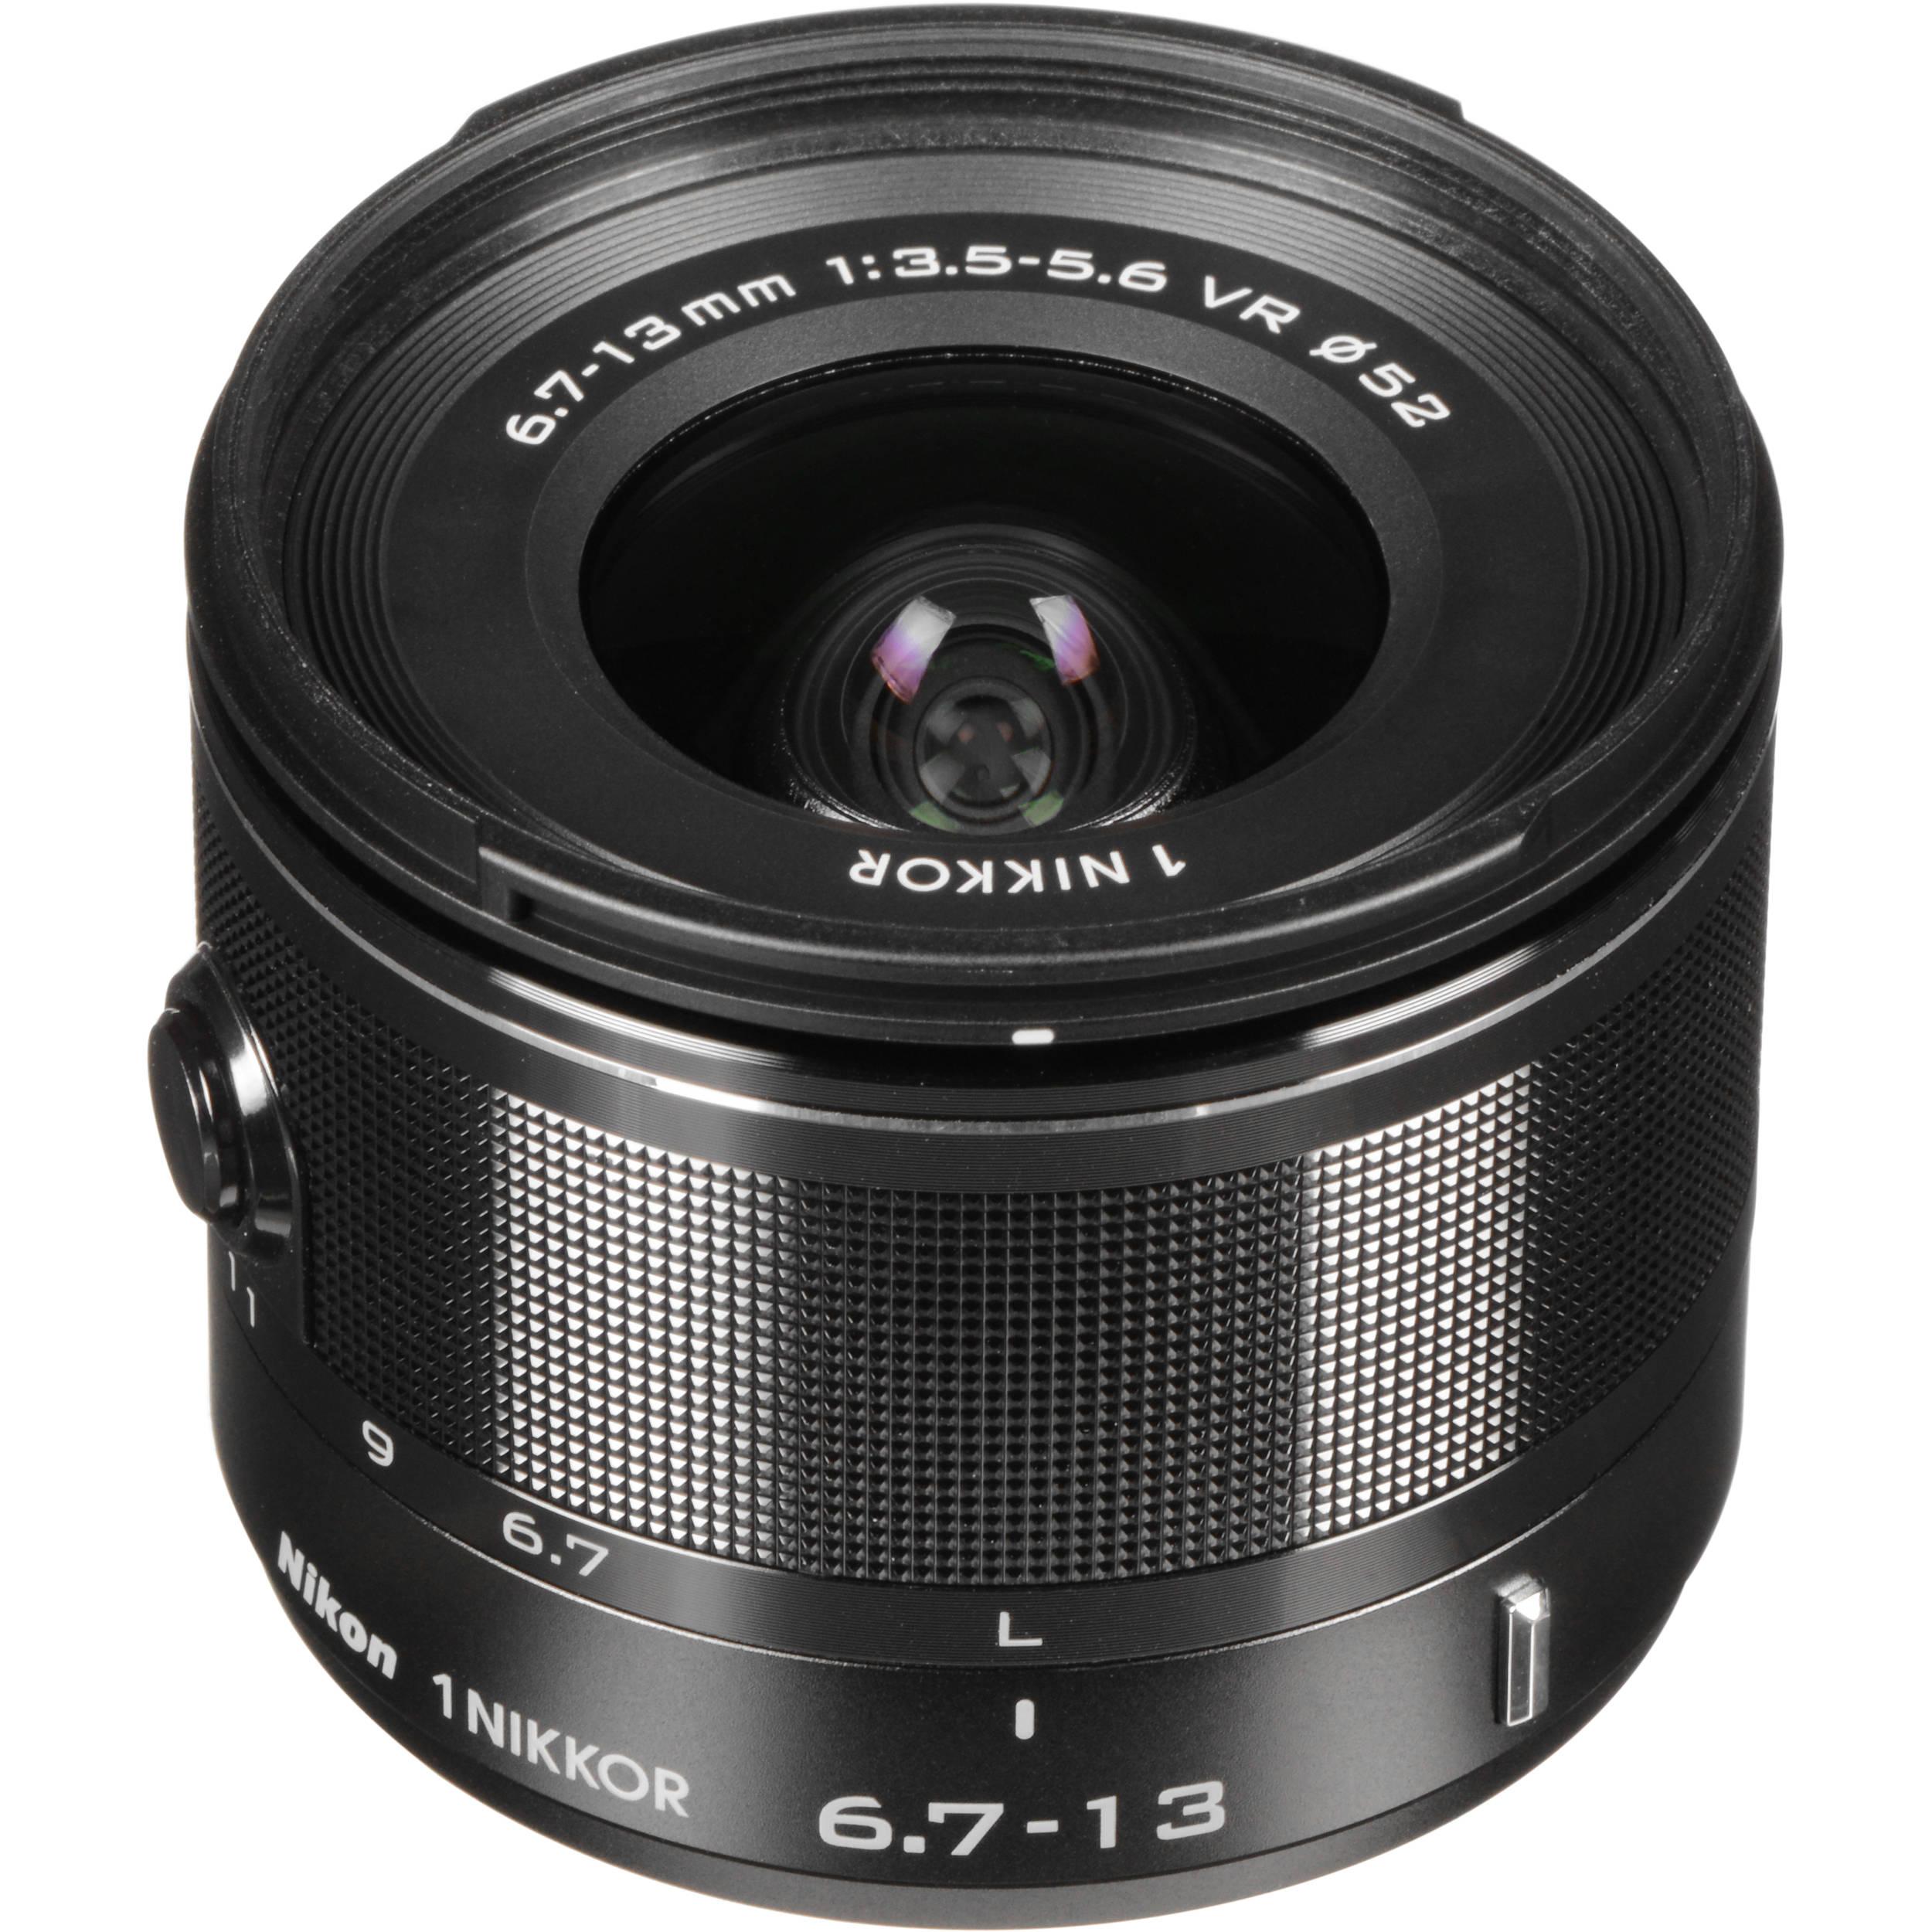 Nikon 1 NIKKOR 6 7-13mm f/3 5-5 6 VR Lens (Black)